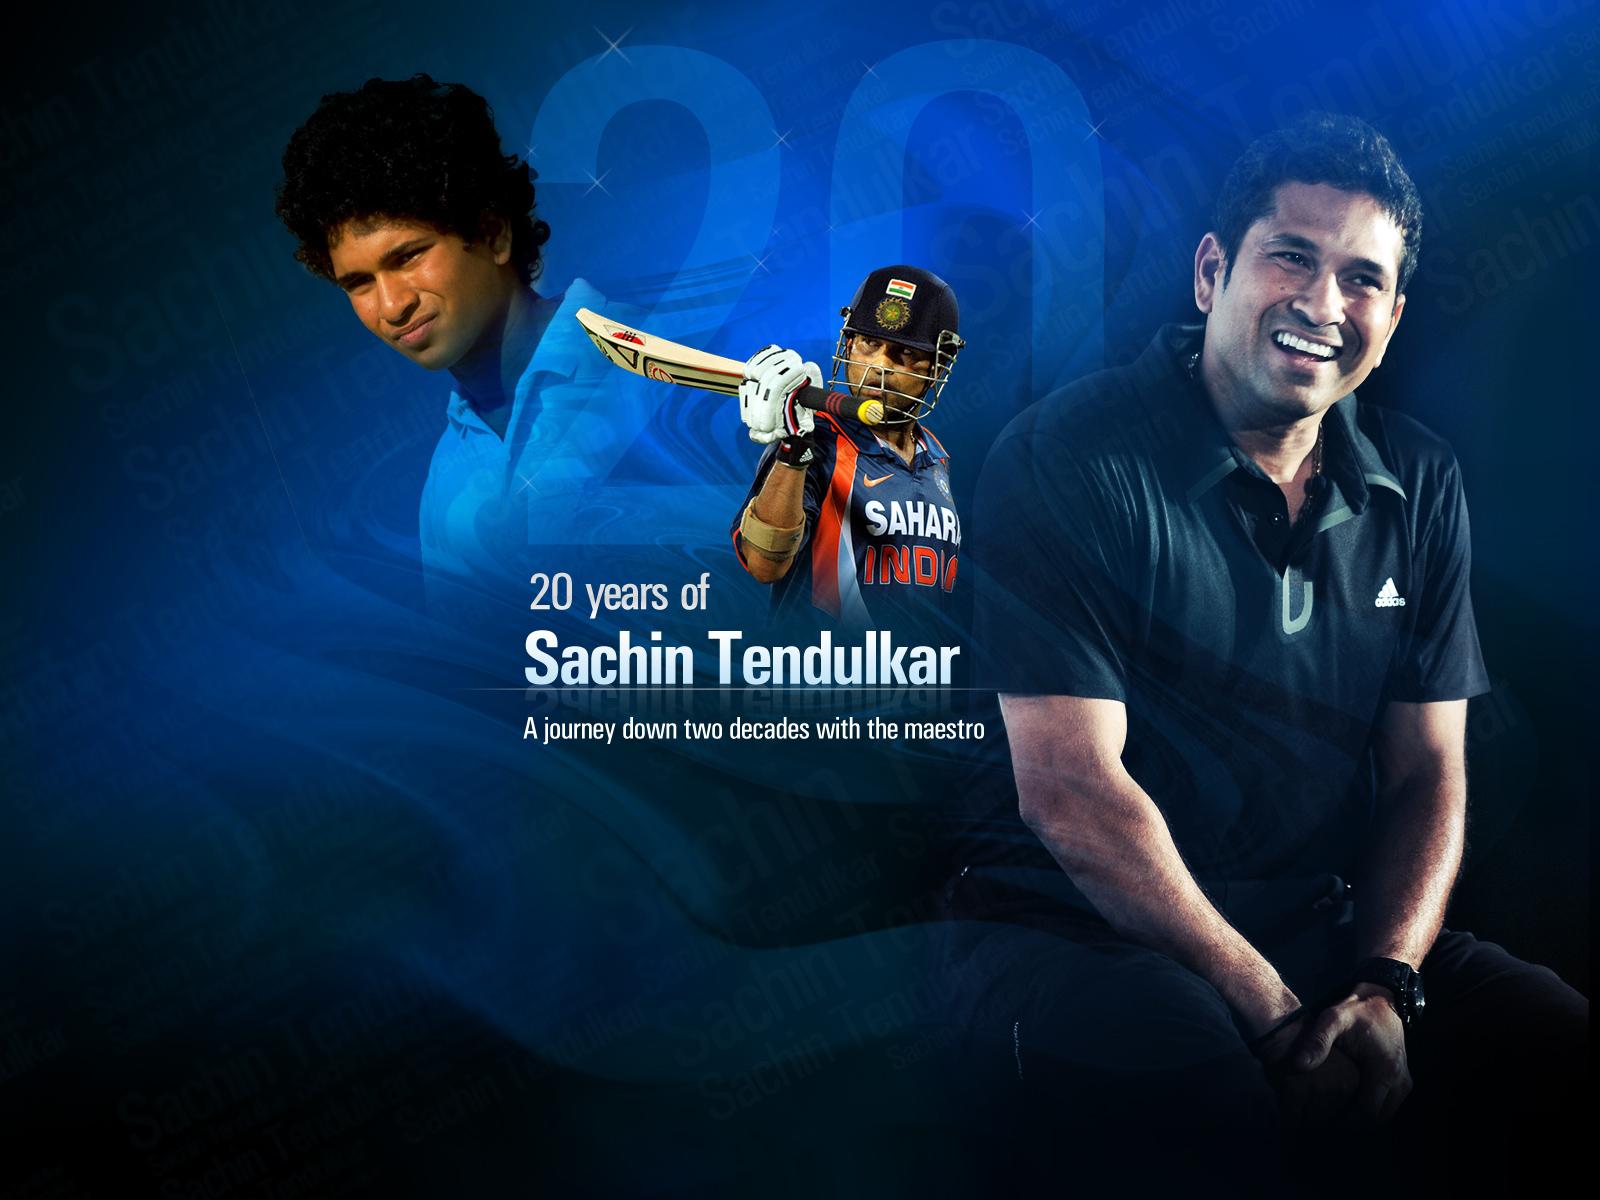 521 Entertainment World: Sachin Tendulkar Stunning Wallpapers